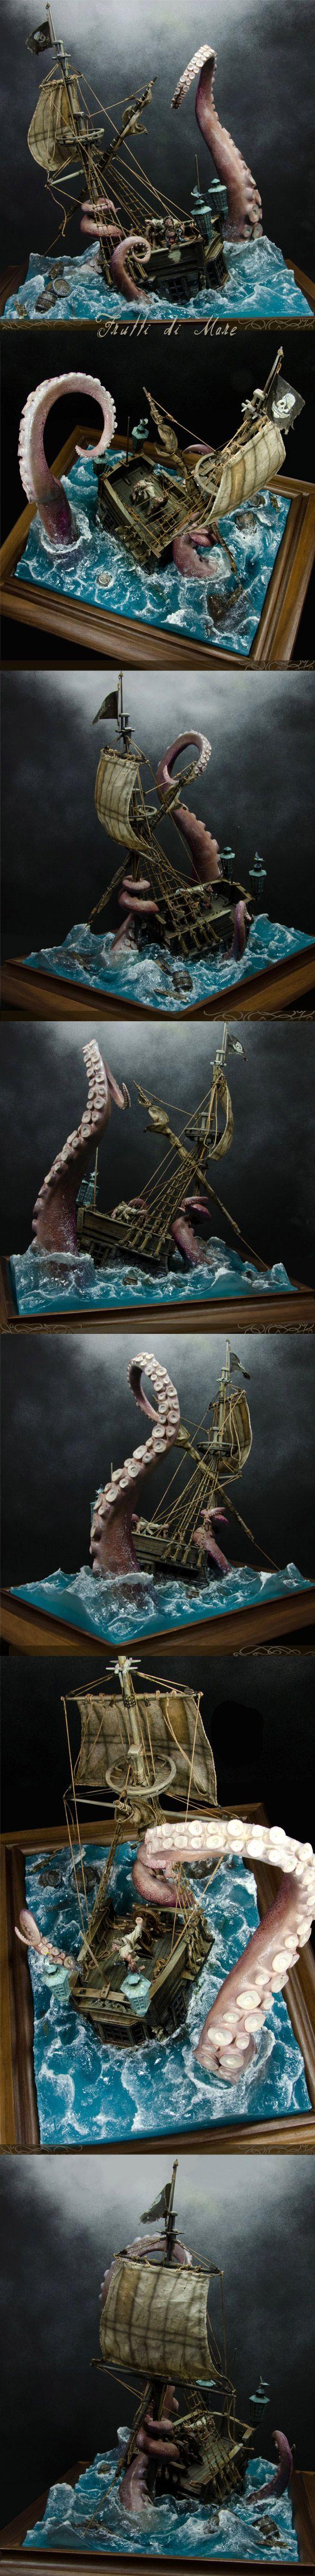 Frutti di Mare by Robert                                                                                                                                                                                 More